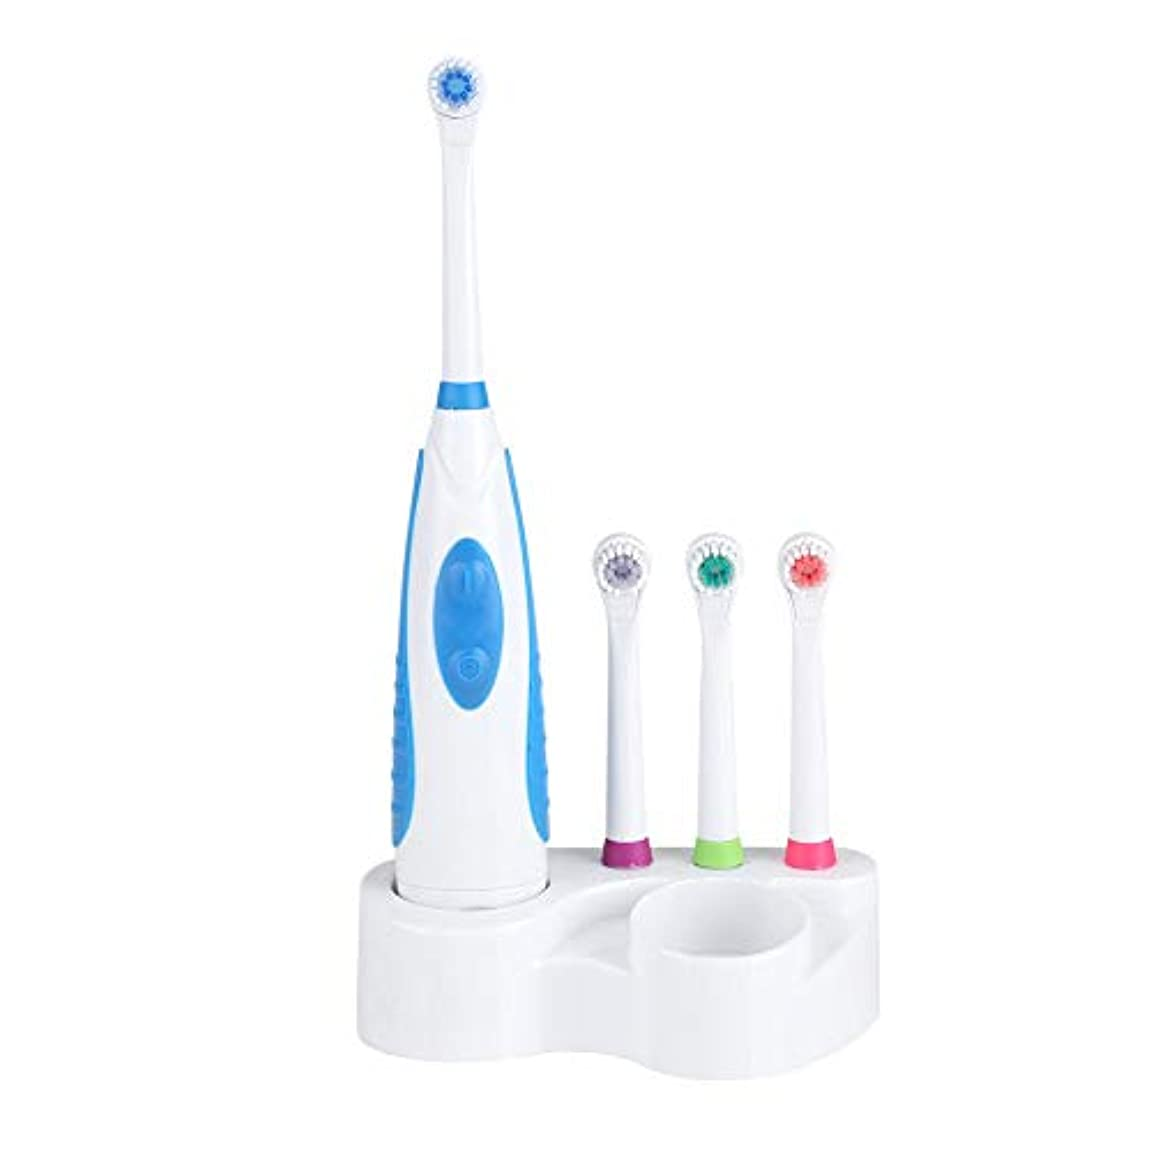 頼むスーダン知っているに立ち寄る電動歯ブラシ3個の交換用ヘッドとホルダー付き電動歯ブラシホワイトニングクレンジングオーラルケア(Blue)